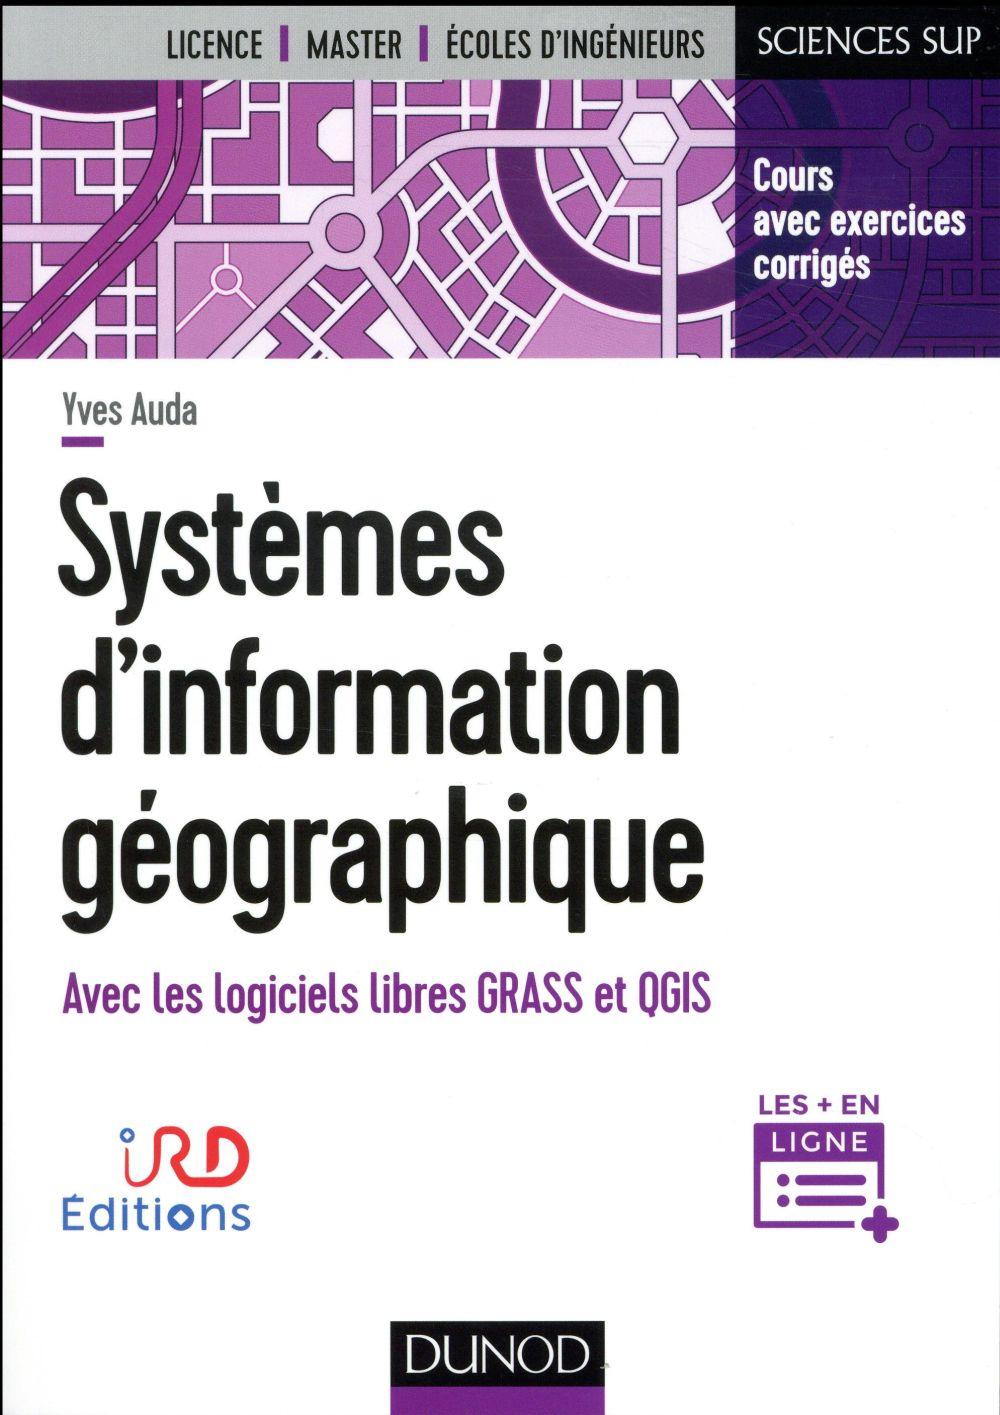 SYSTEMES D'INFORMATION GEOGRAPHIQUE  -  AVEC LES LOGICIELS LIBRES GRASS ET QGIS